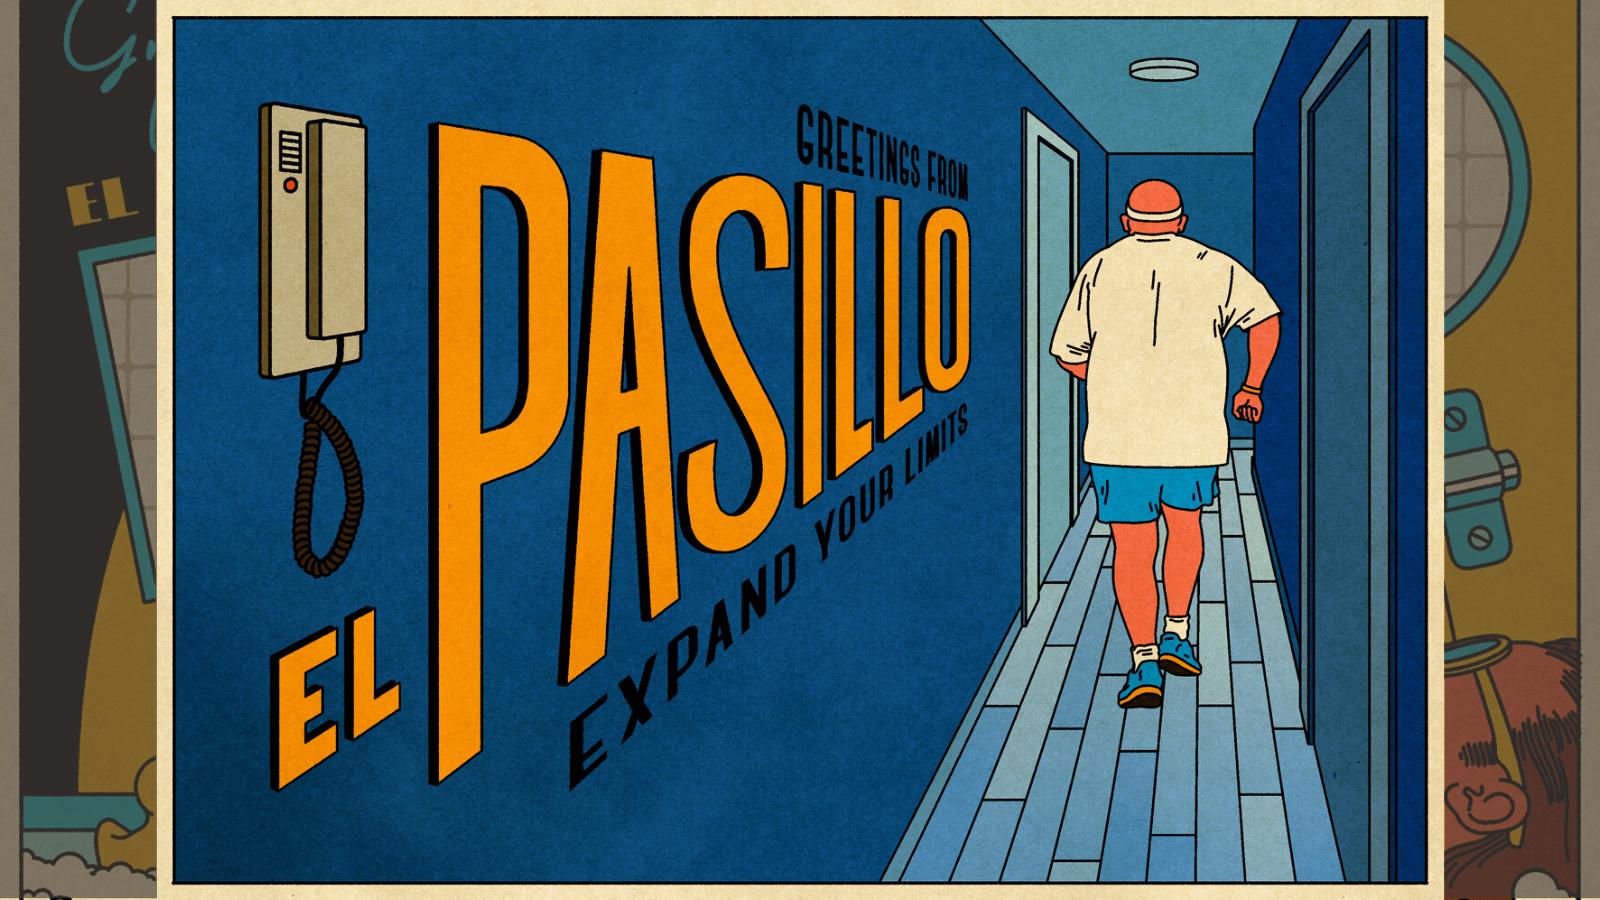 Postales de cuarentena Un creativo proyecto de ilustraciones inspiradas en las tradicionales tarjetas de correo 39